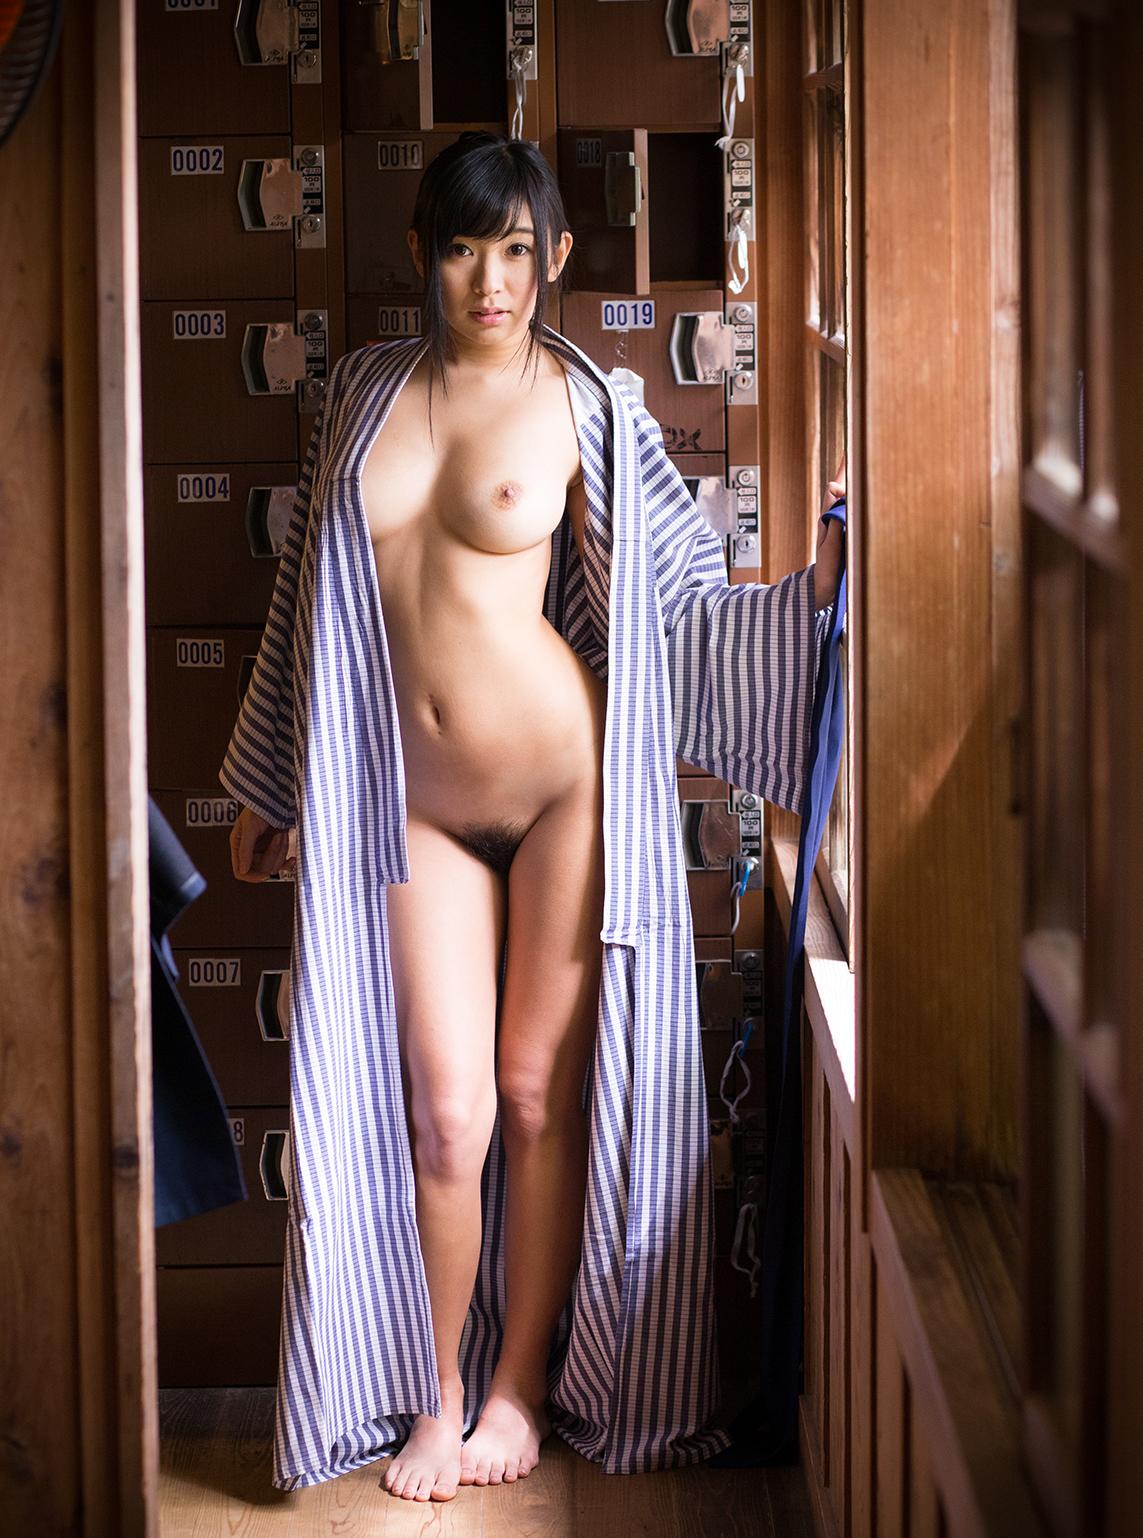 小倉奈々 画像 85